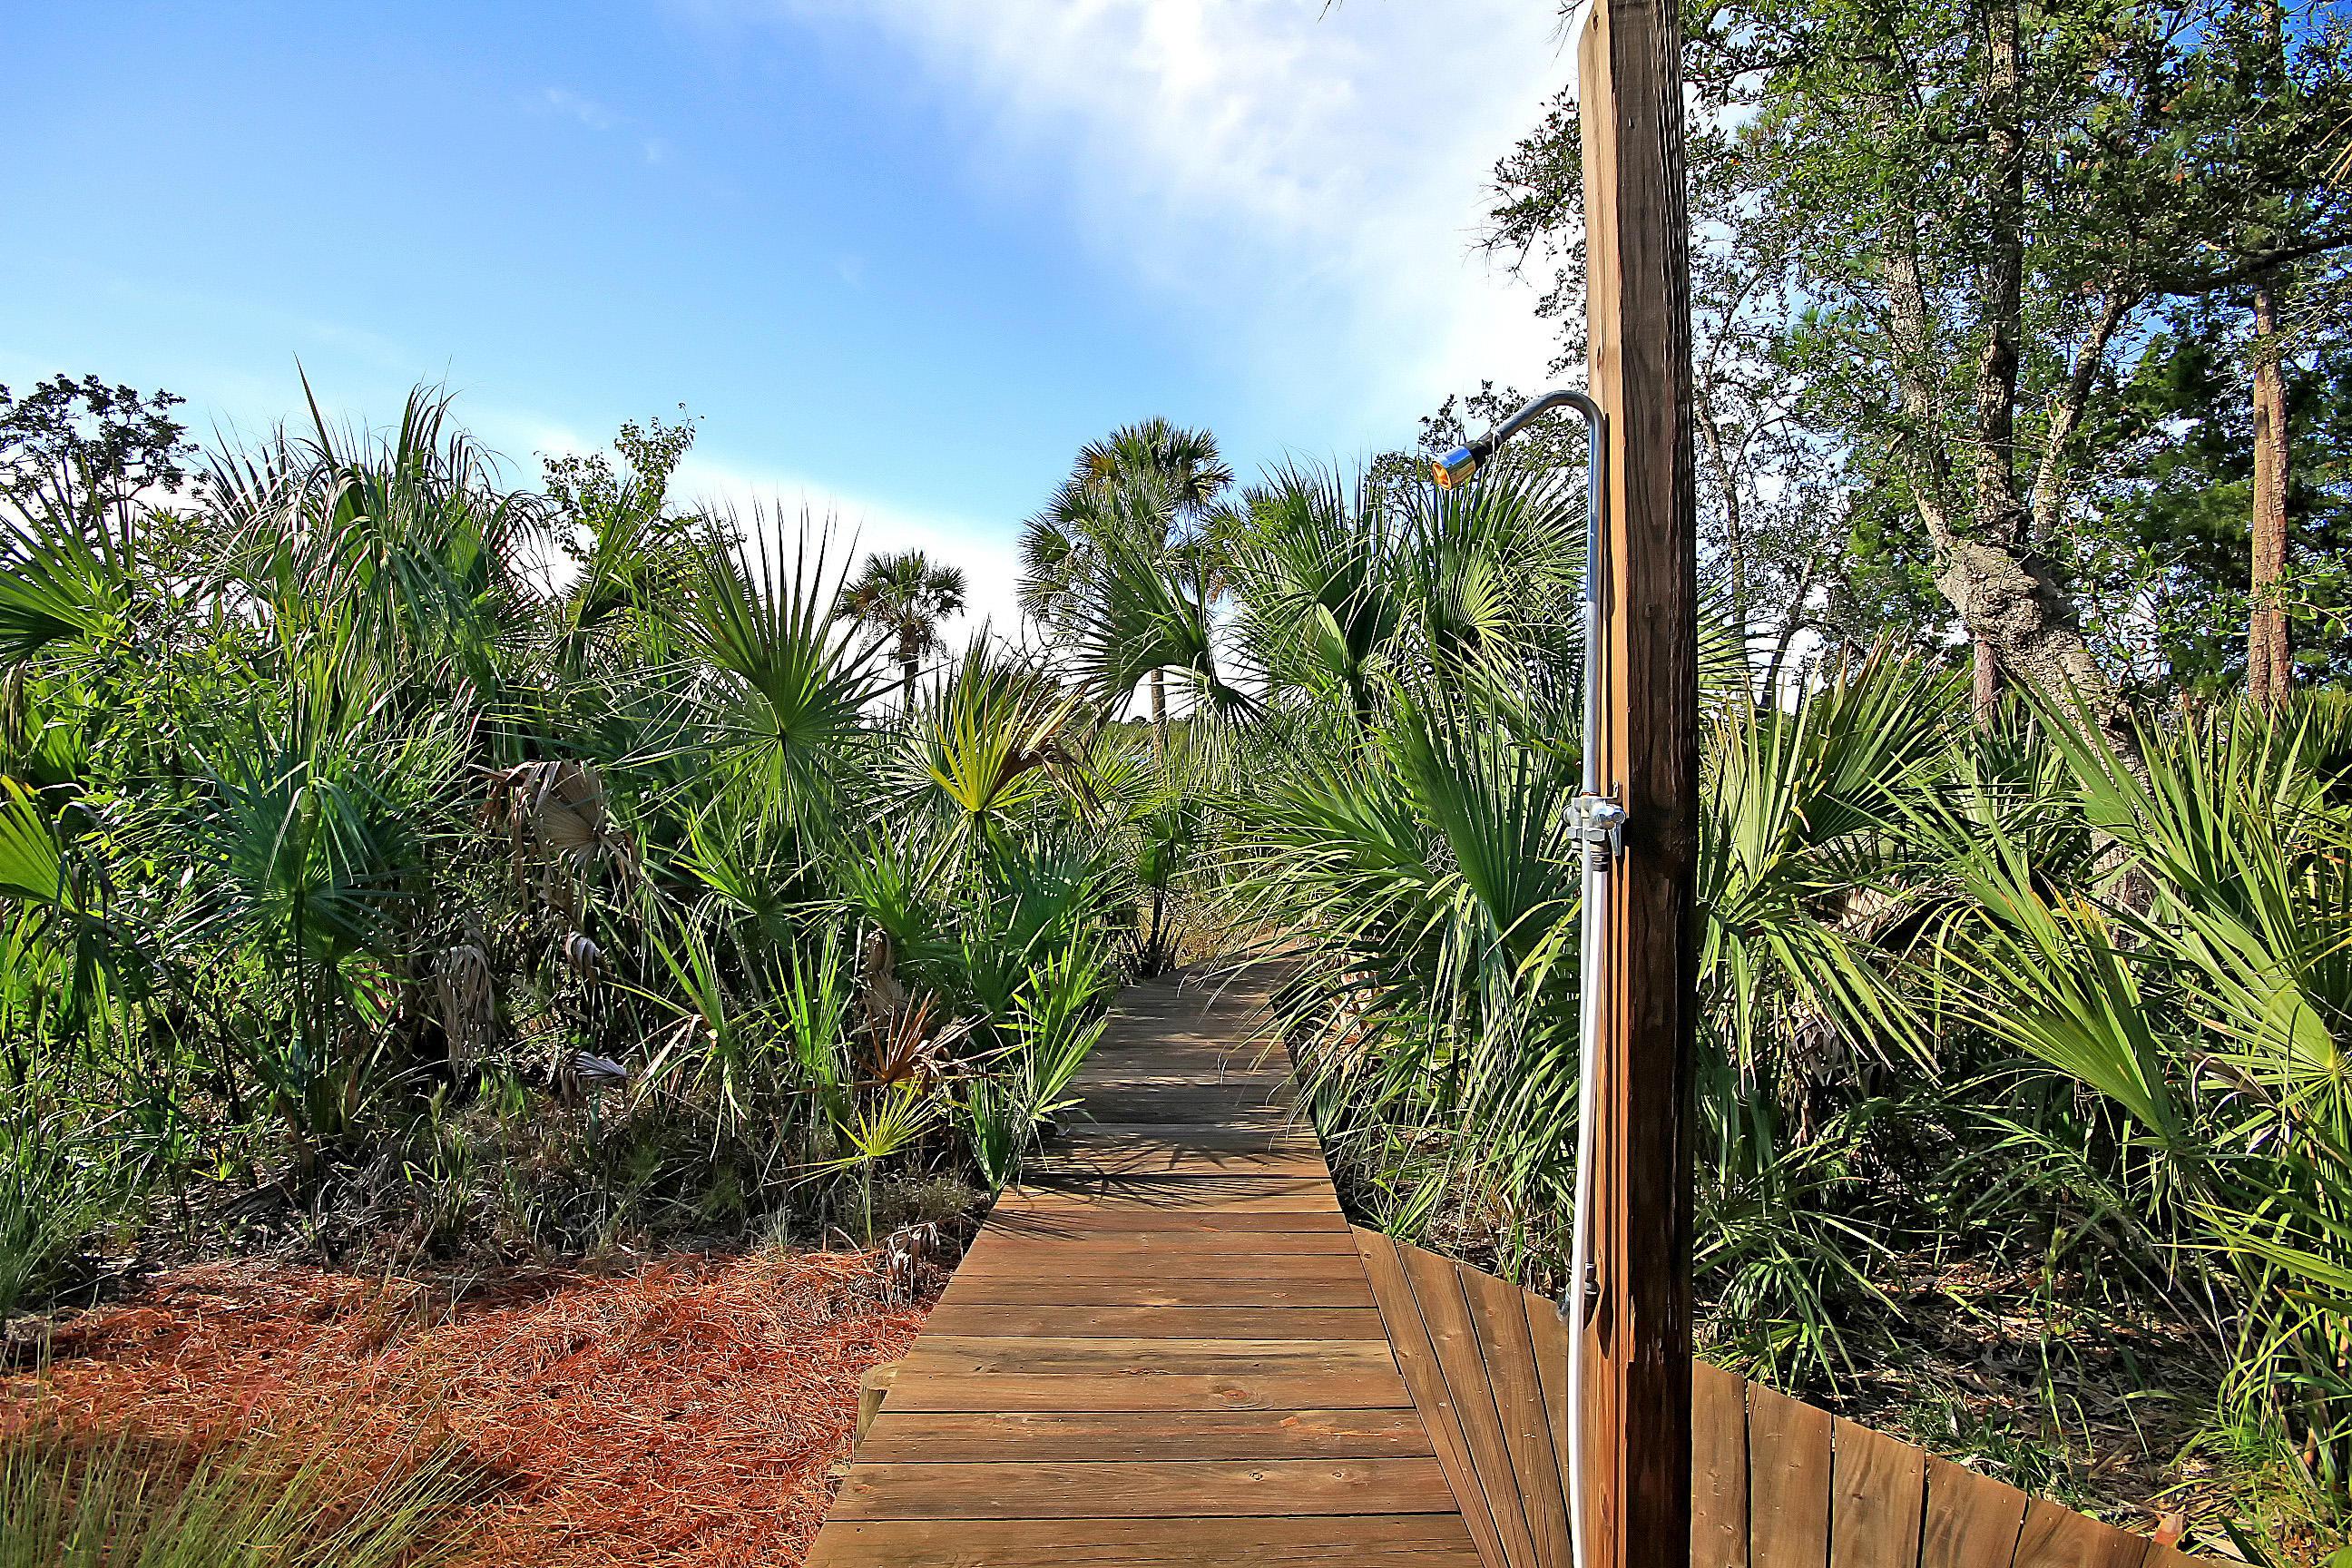 Park West Homes For Sale - 3940 Ashton Shore, Mount Pleasant, SC - 41